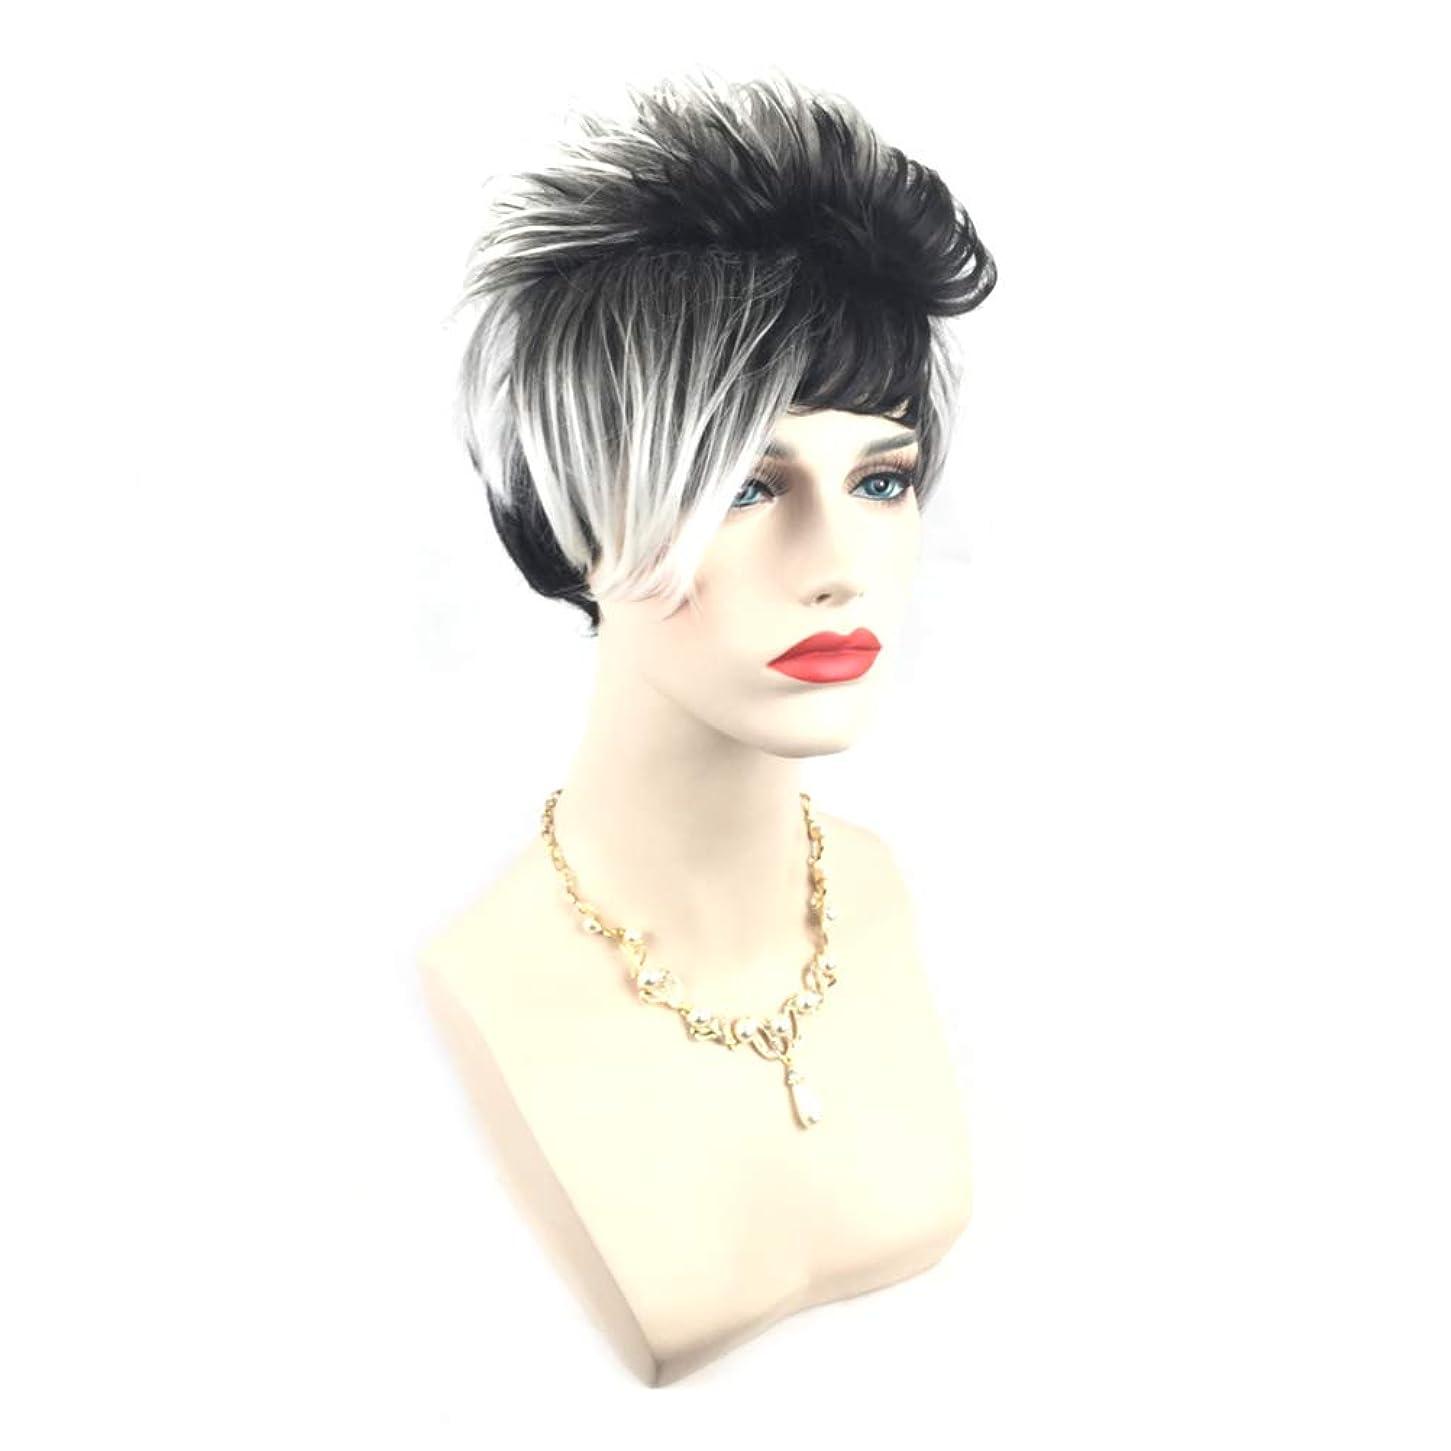 どうやら凝縮するヘア女性ファッションショートヘアウィッググラデーションカラーヘアウィッグ自然に見える絶妙なローズネットウィッグカバー(画像の色)